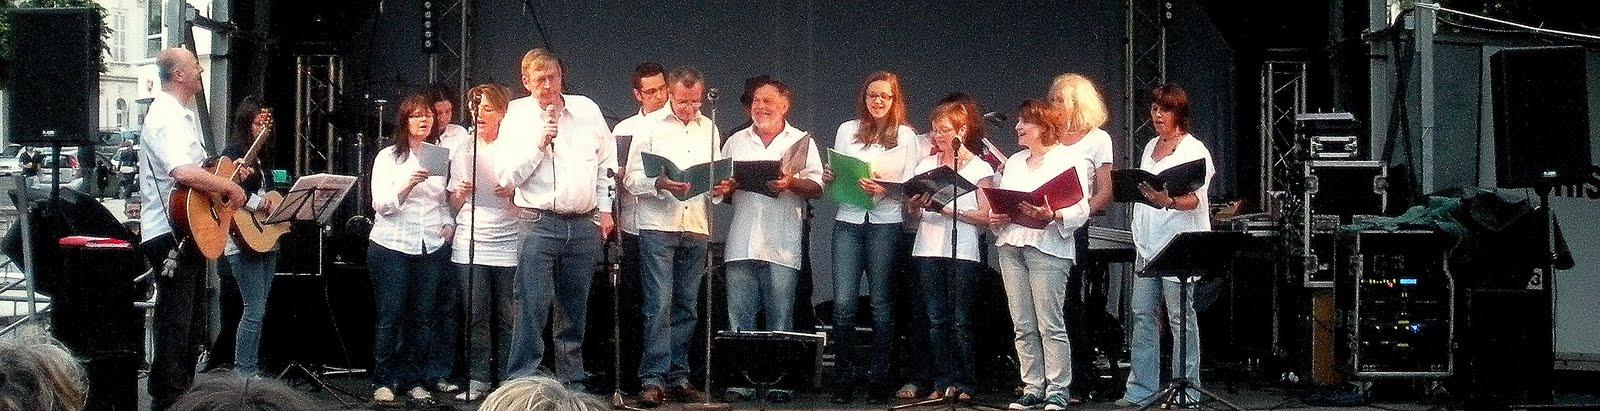 2013-06 (juin) 21 – Fête de la Musique – Château-Gontier (6)